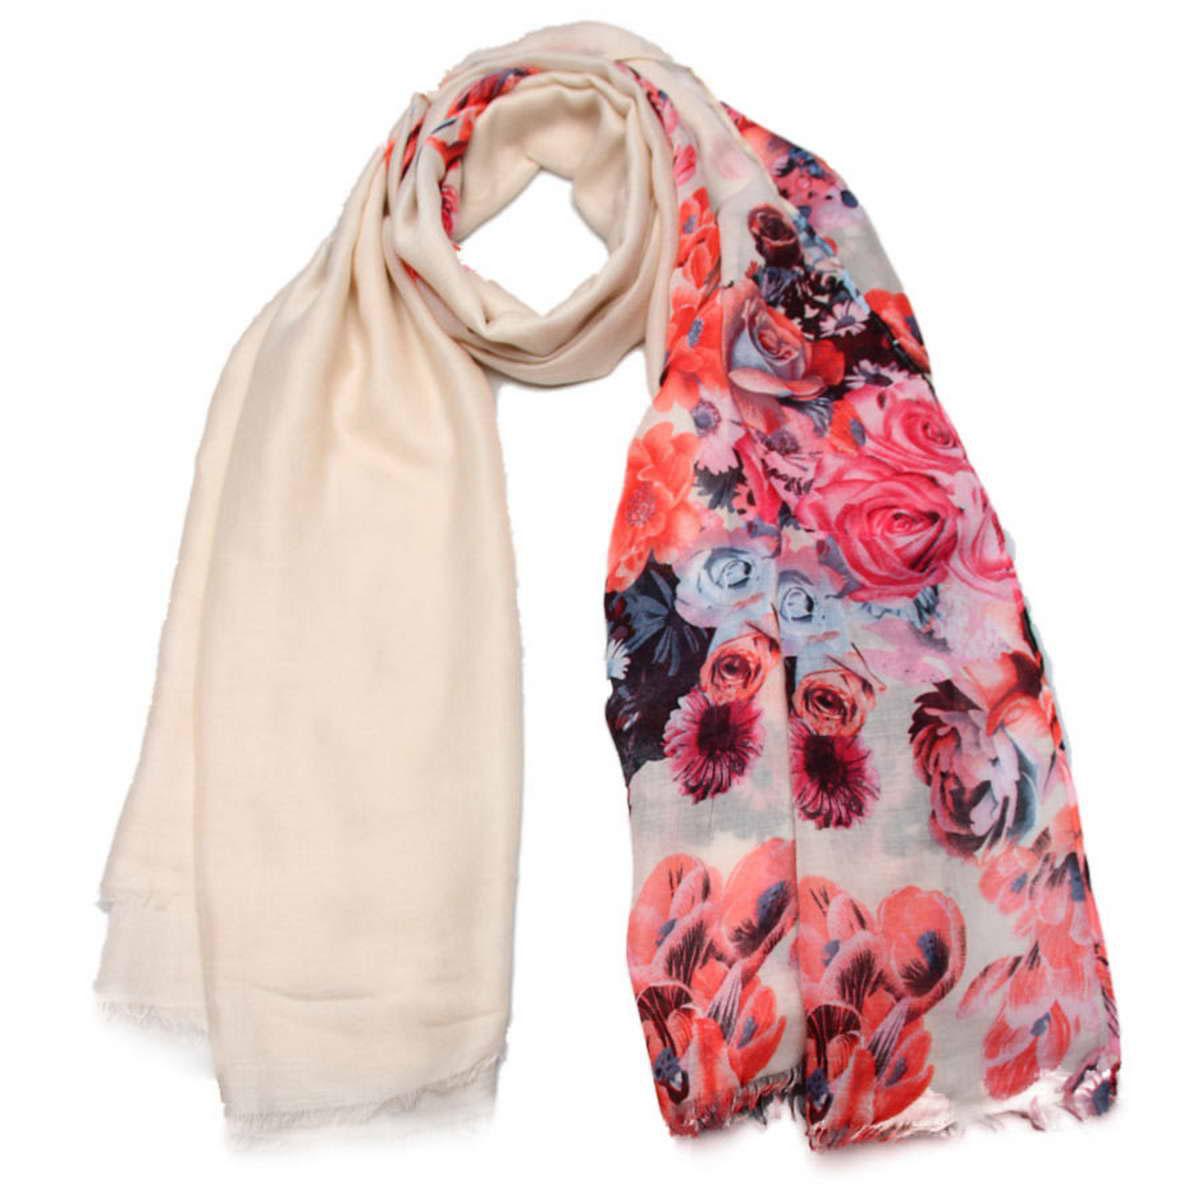 Палантин женский. 34157013415701-05Элегантный женский палантин Venera изготовленный из вискозы, станет идеальным украшением для наряда нежной, тонкой и романтичной натуры. Палантин имеет отличное качество и приятную текстуру материала, он подарит настоящий комфорт при носке, а большие размеры позволят завязать изделие множеством вариантов. Универсальный нежный цвет, который взят за основу, идеально сочетается с любой цветовой гаммой, а яркий рисунок из цветов освежит собою образ, будь это платье, джинсы или строгий костюм. В этом палантине вы всегда будете выглядеть женственной и привлекательной.